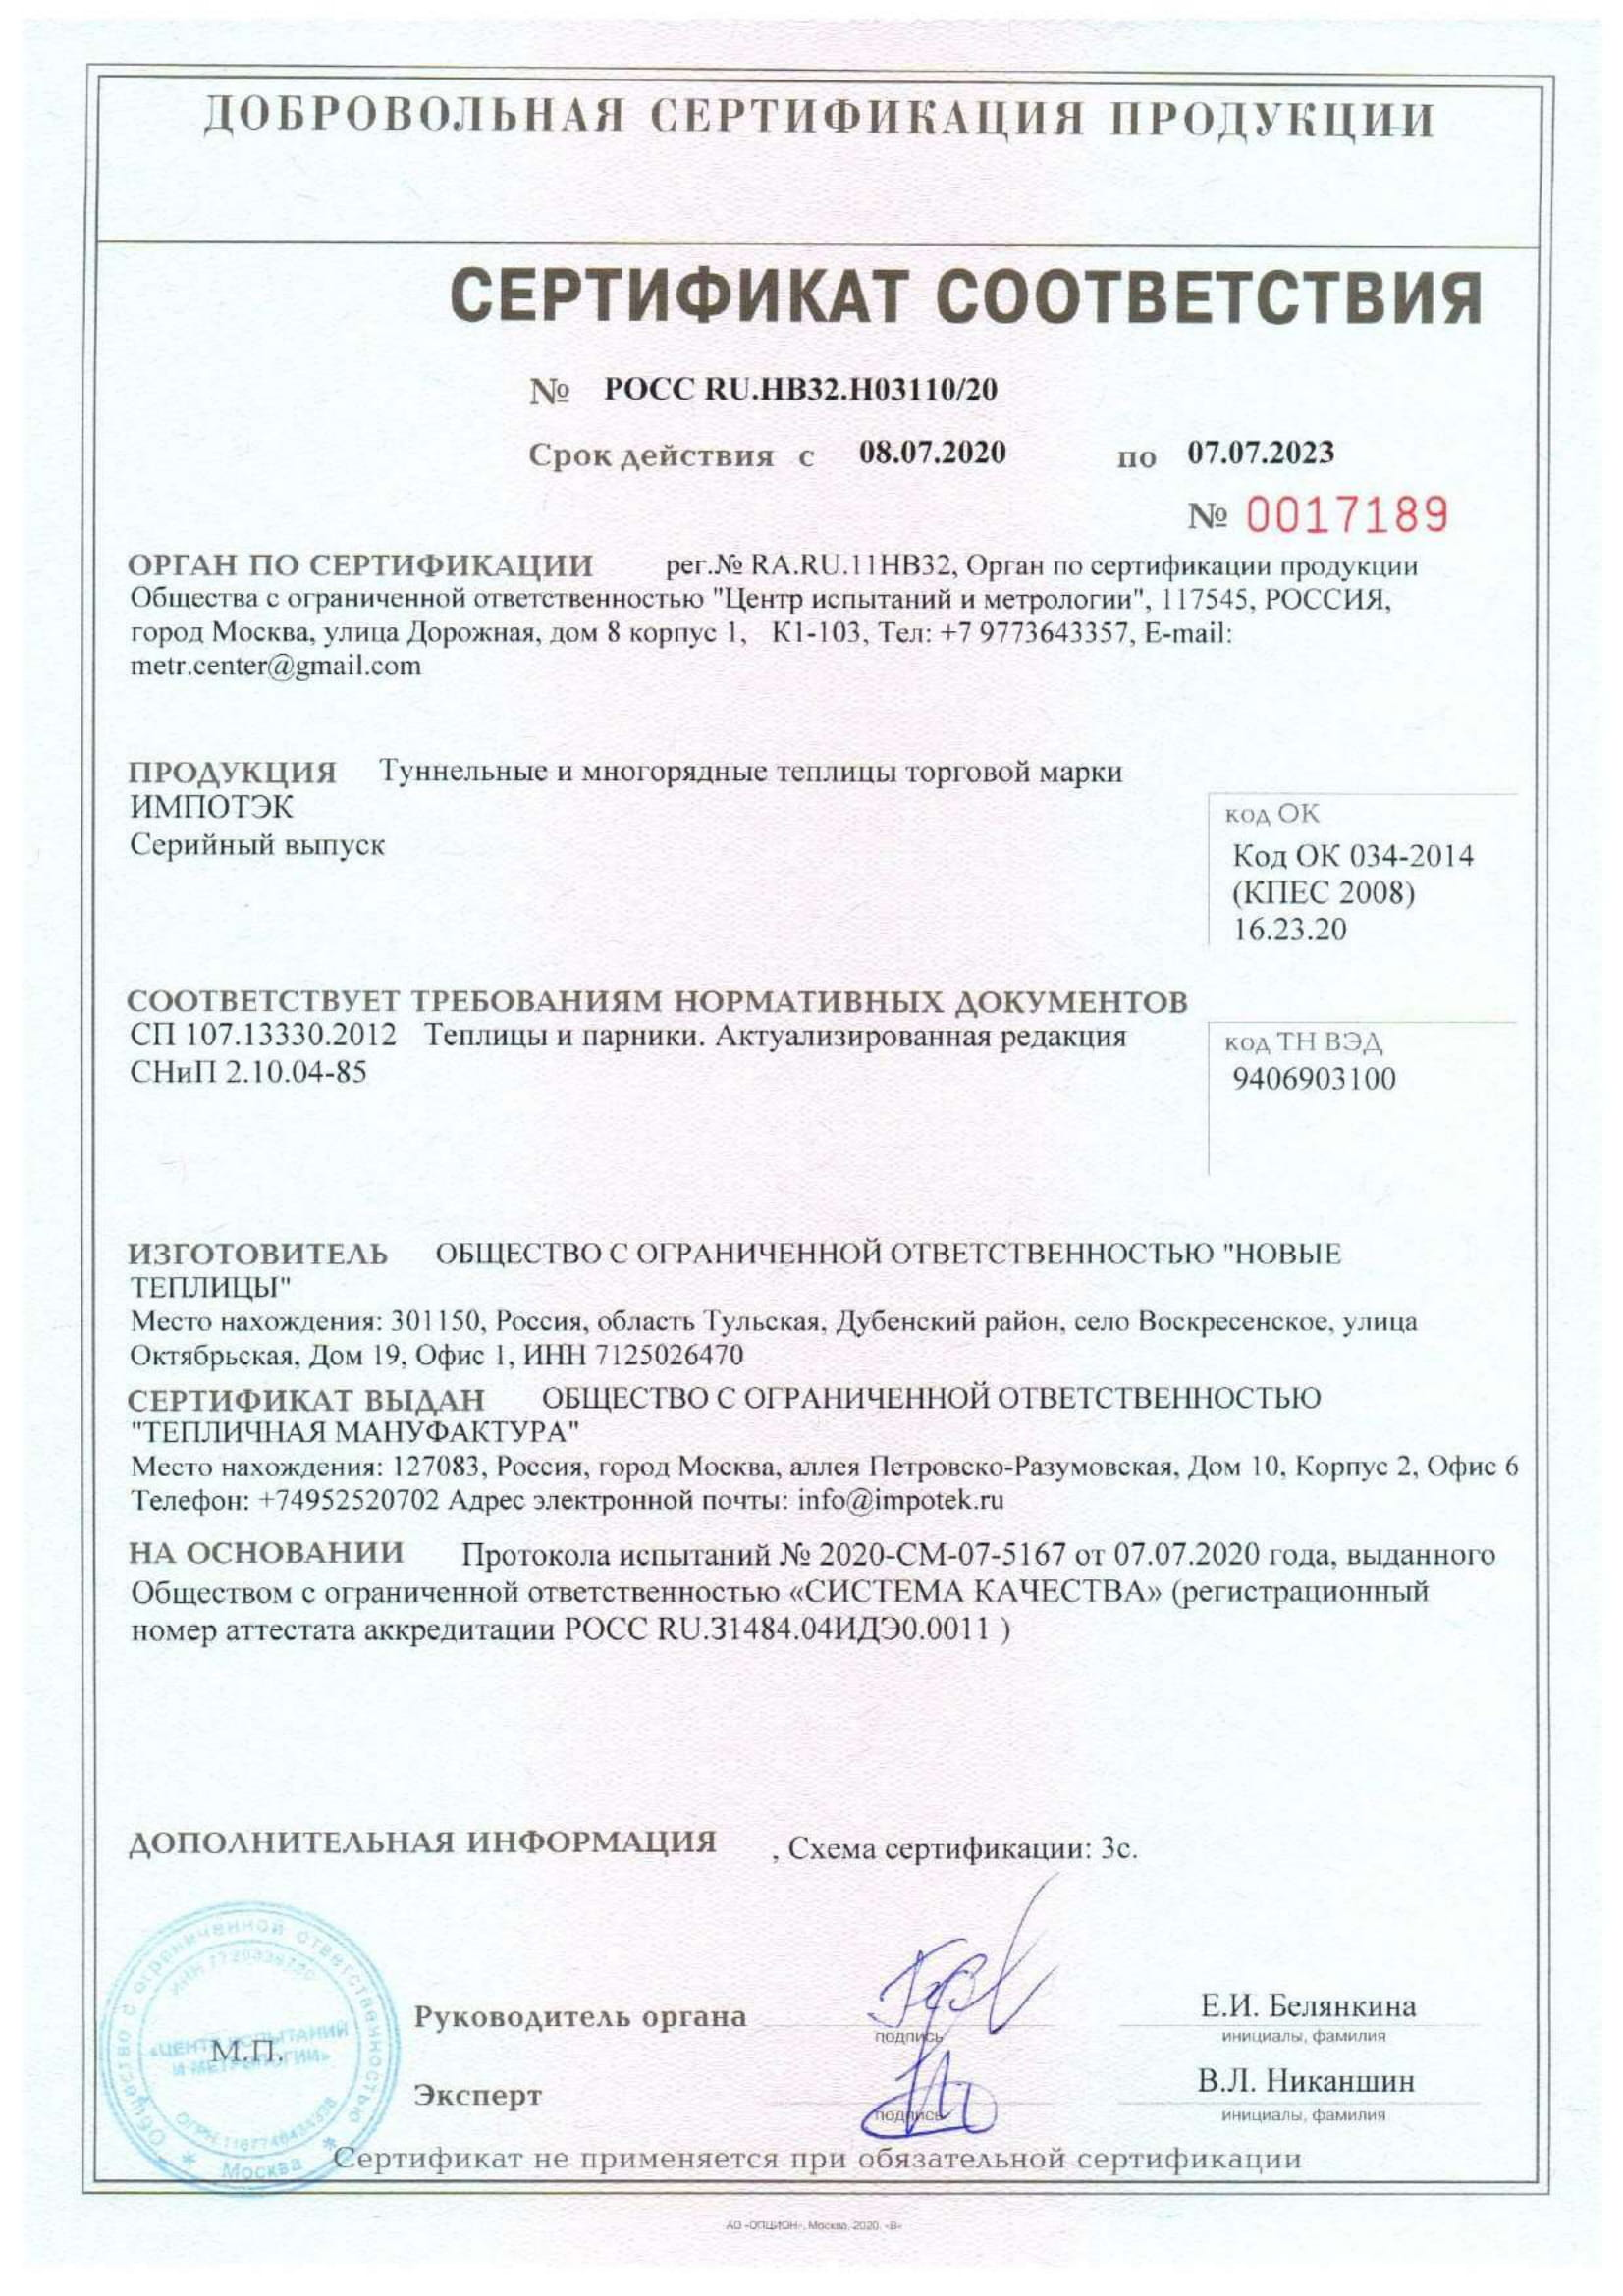 Сертификат теплицы ИМПОТЭК 2020-2023-1